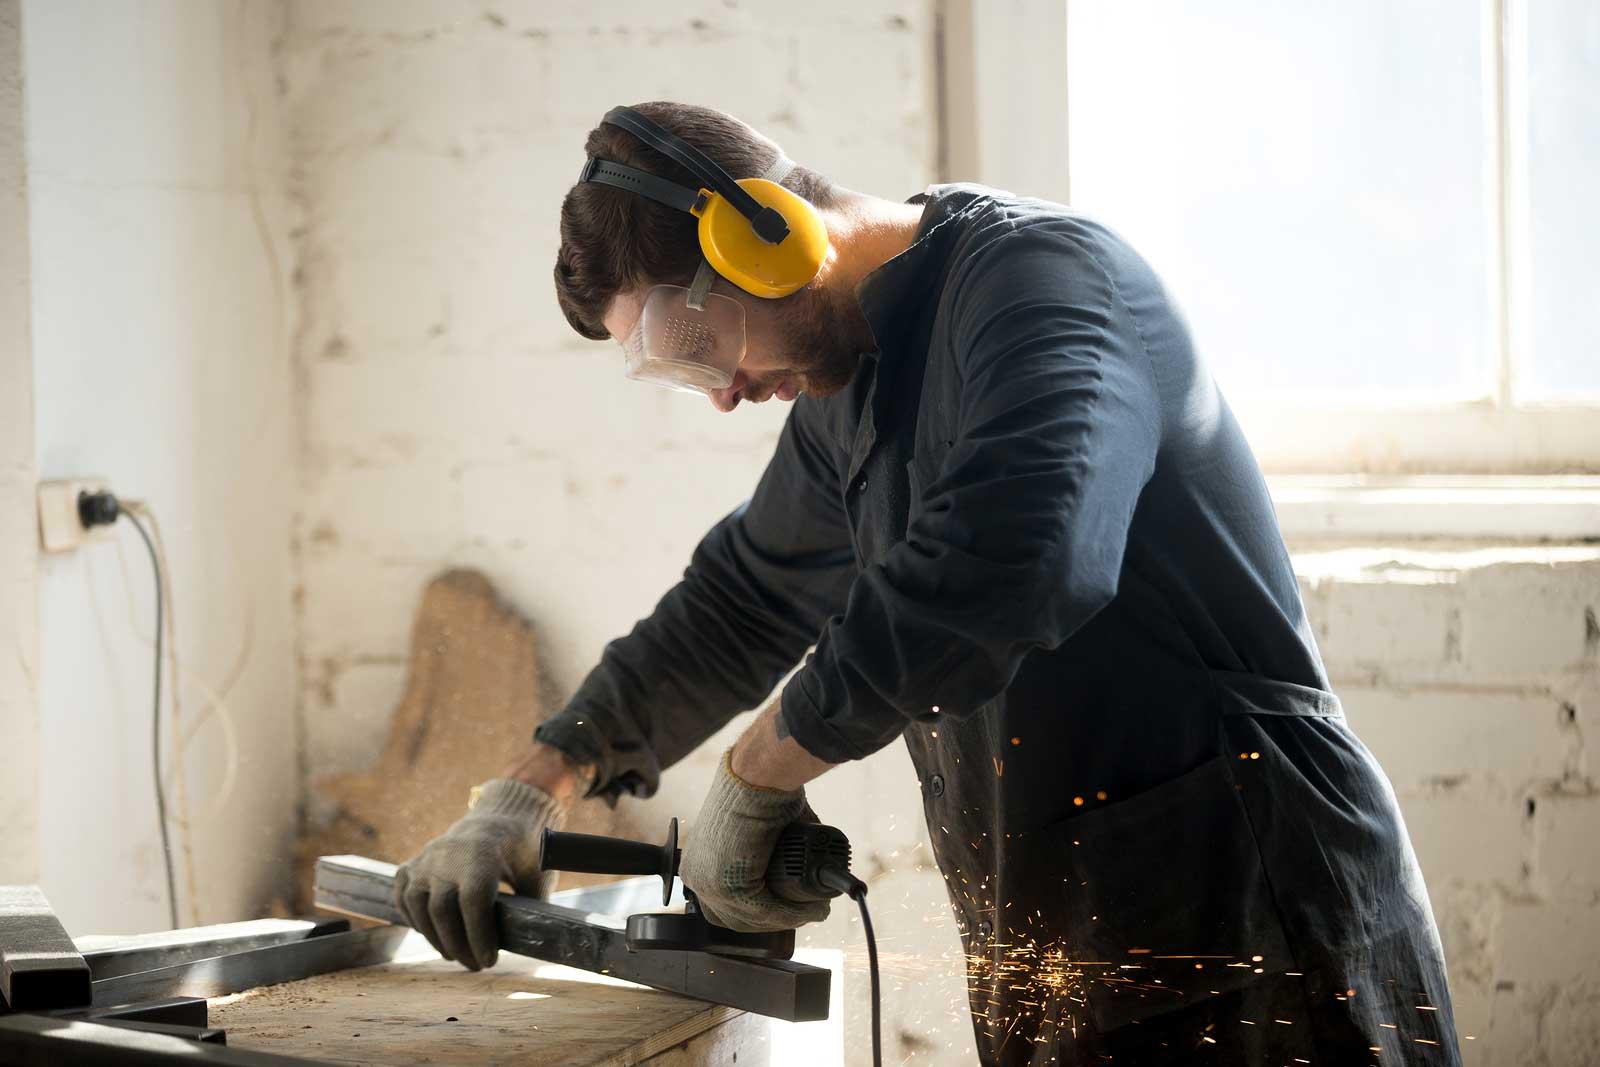 Hombre trabaja en proyecto de mejoras para el hogar con herramientas eléctricas.